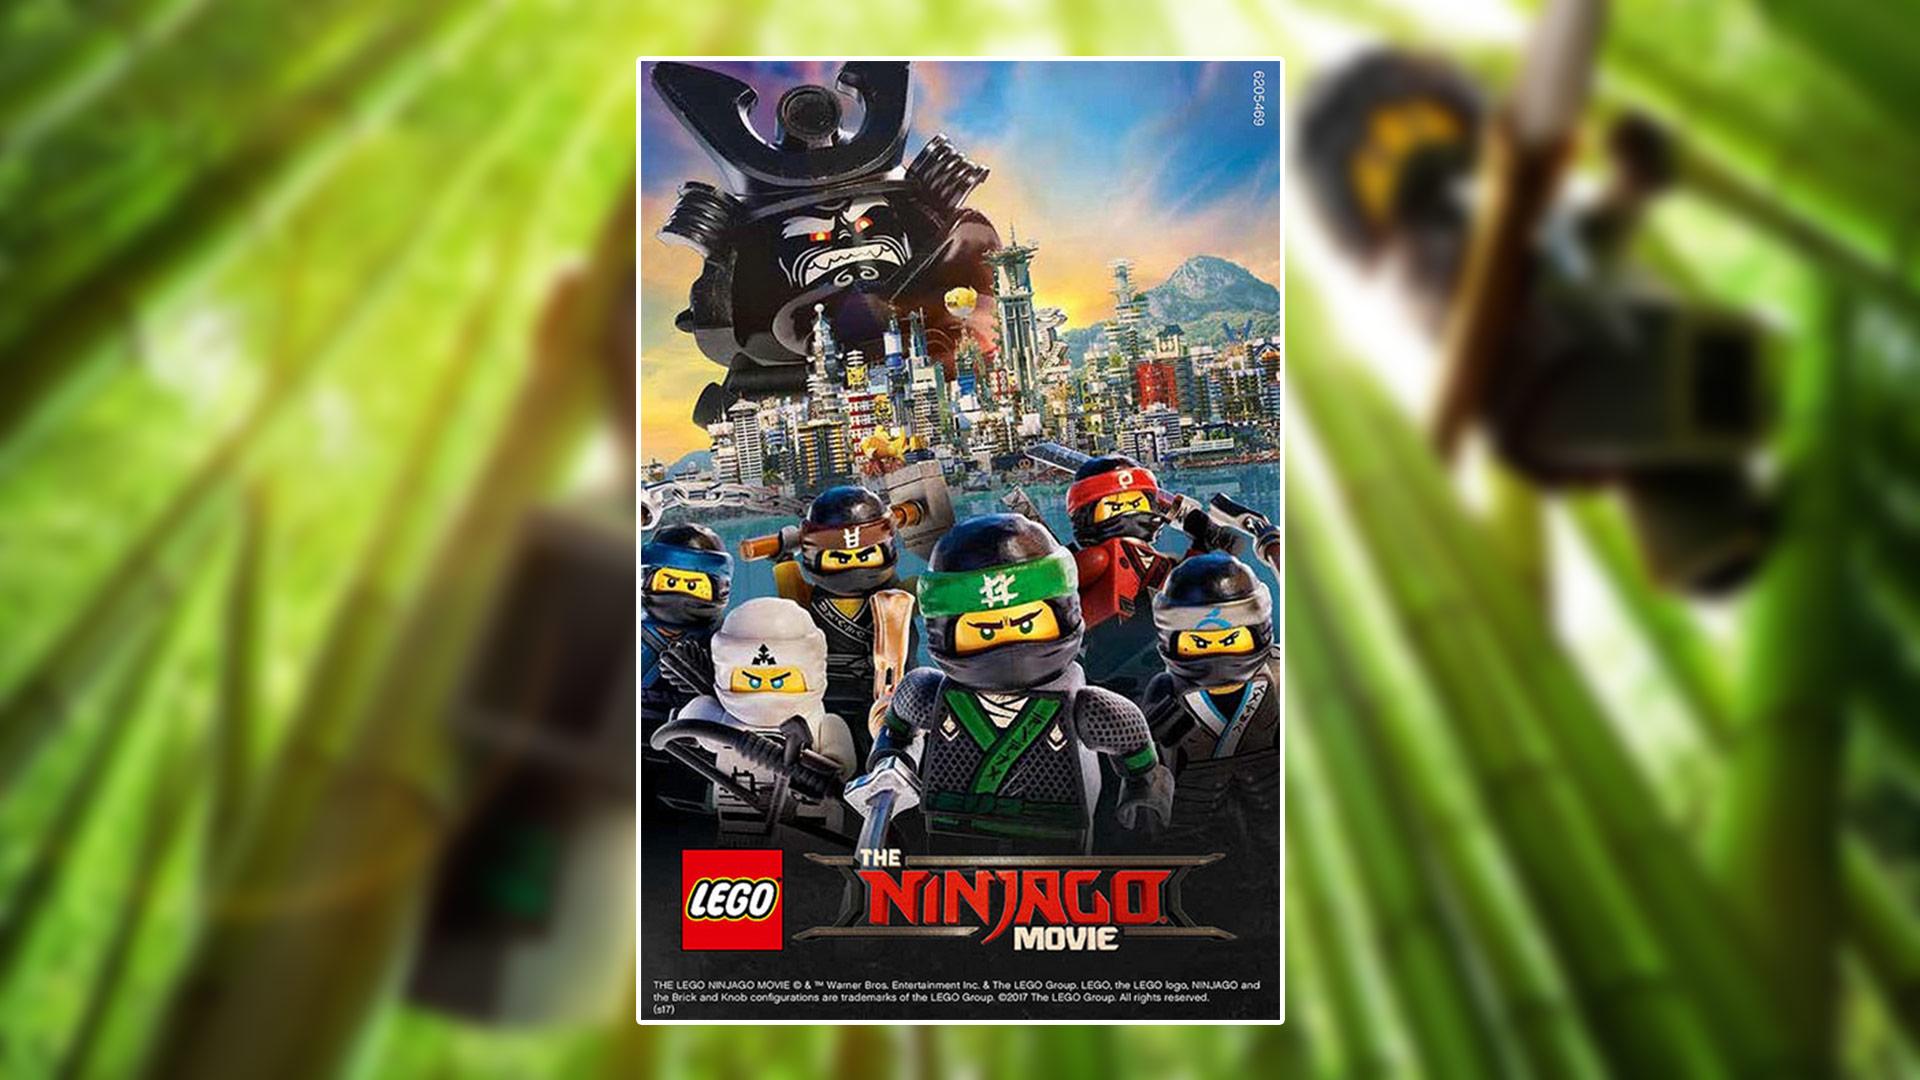 [Critique Film] The LEGO Ninjago Movie – Une histoire remplie de briques